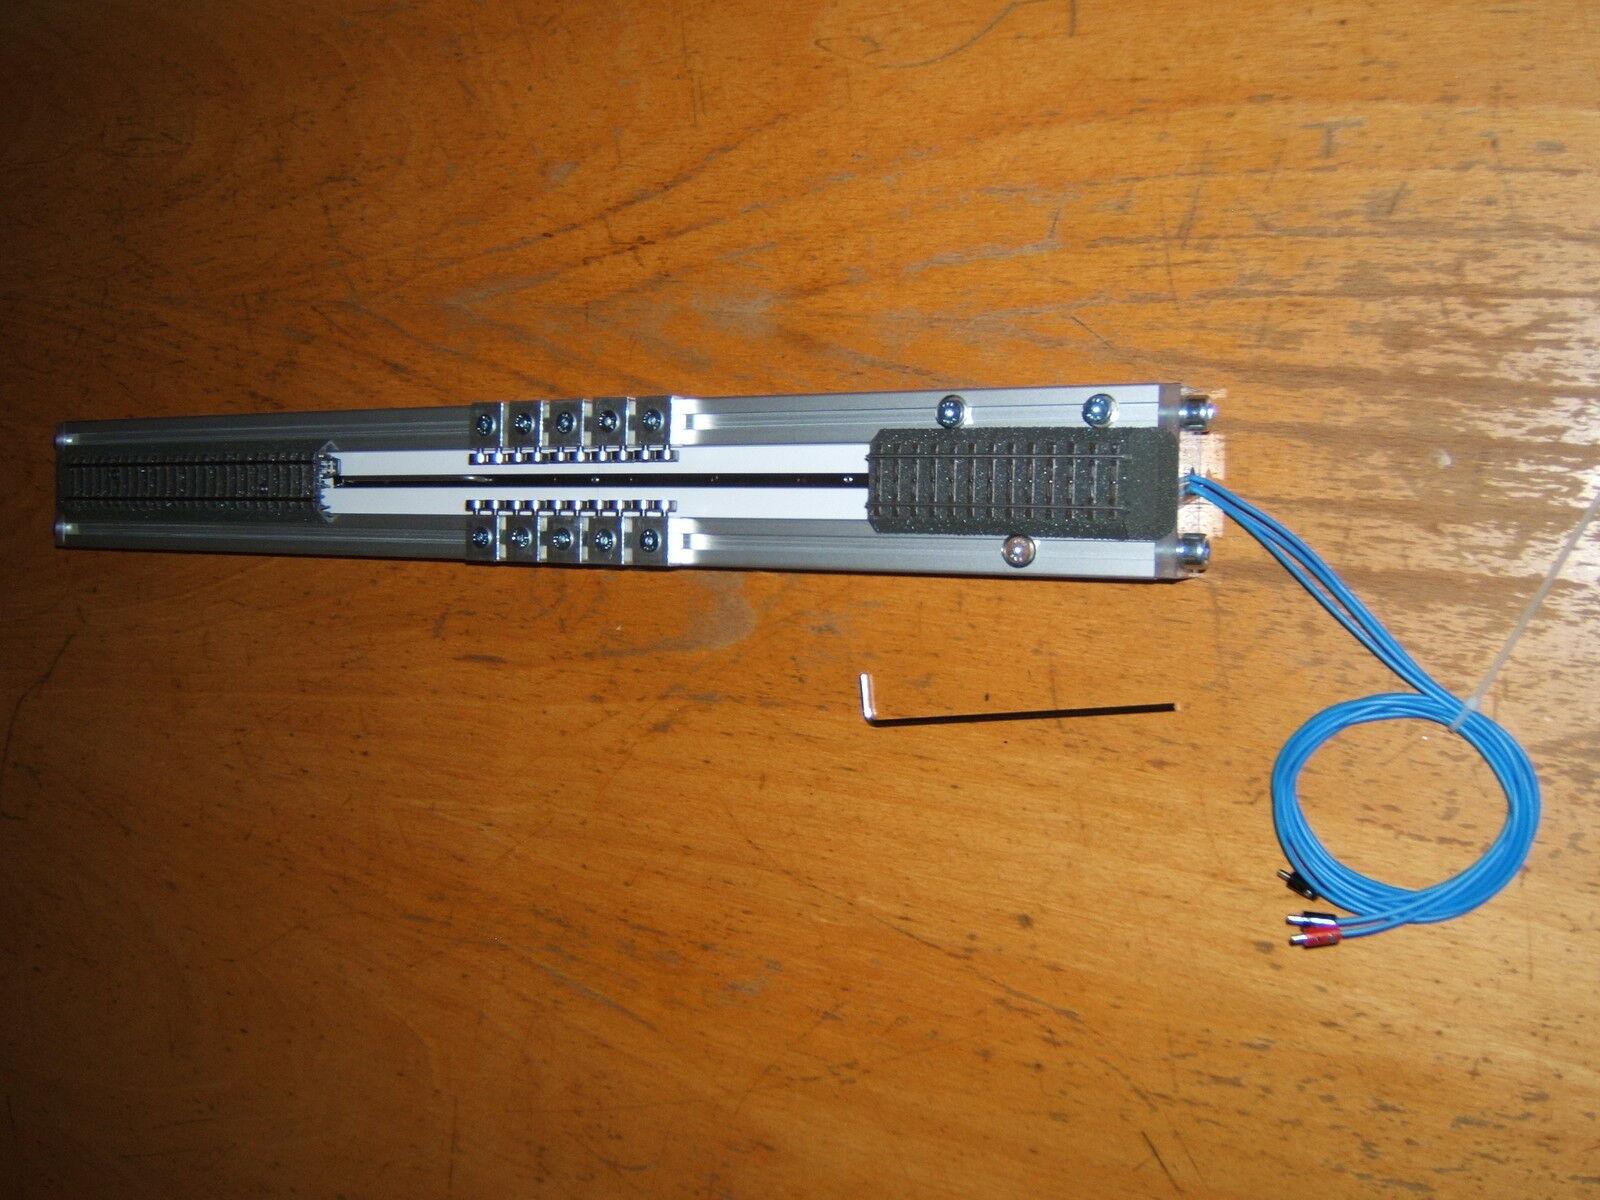 Ruoli banco prova h0 550 mm 5 coppie ruoli AC + DC + Digital